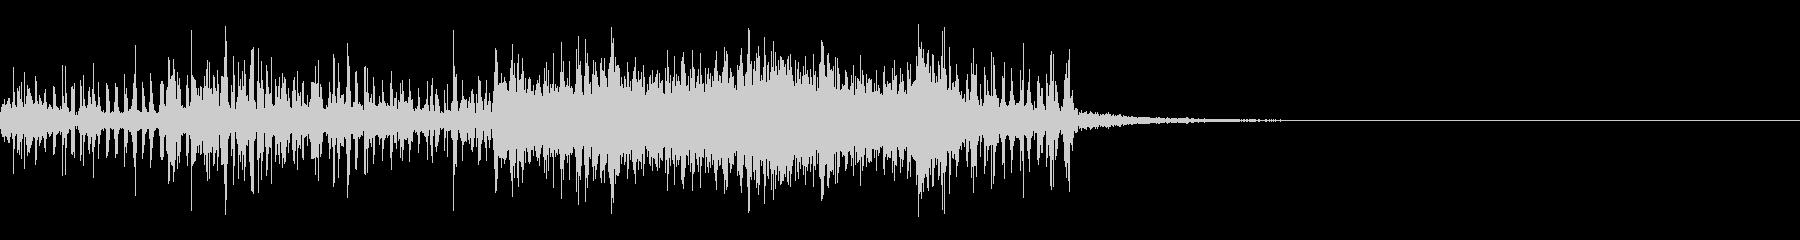 スパーク音-15の未再生の波形